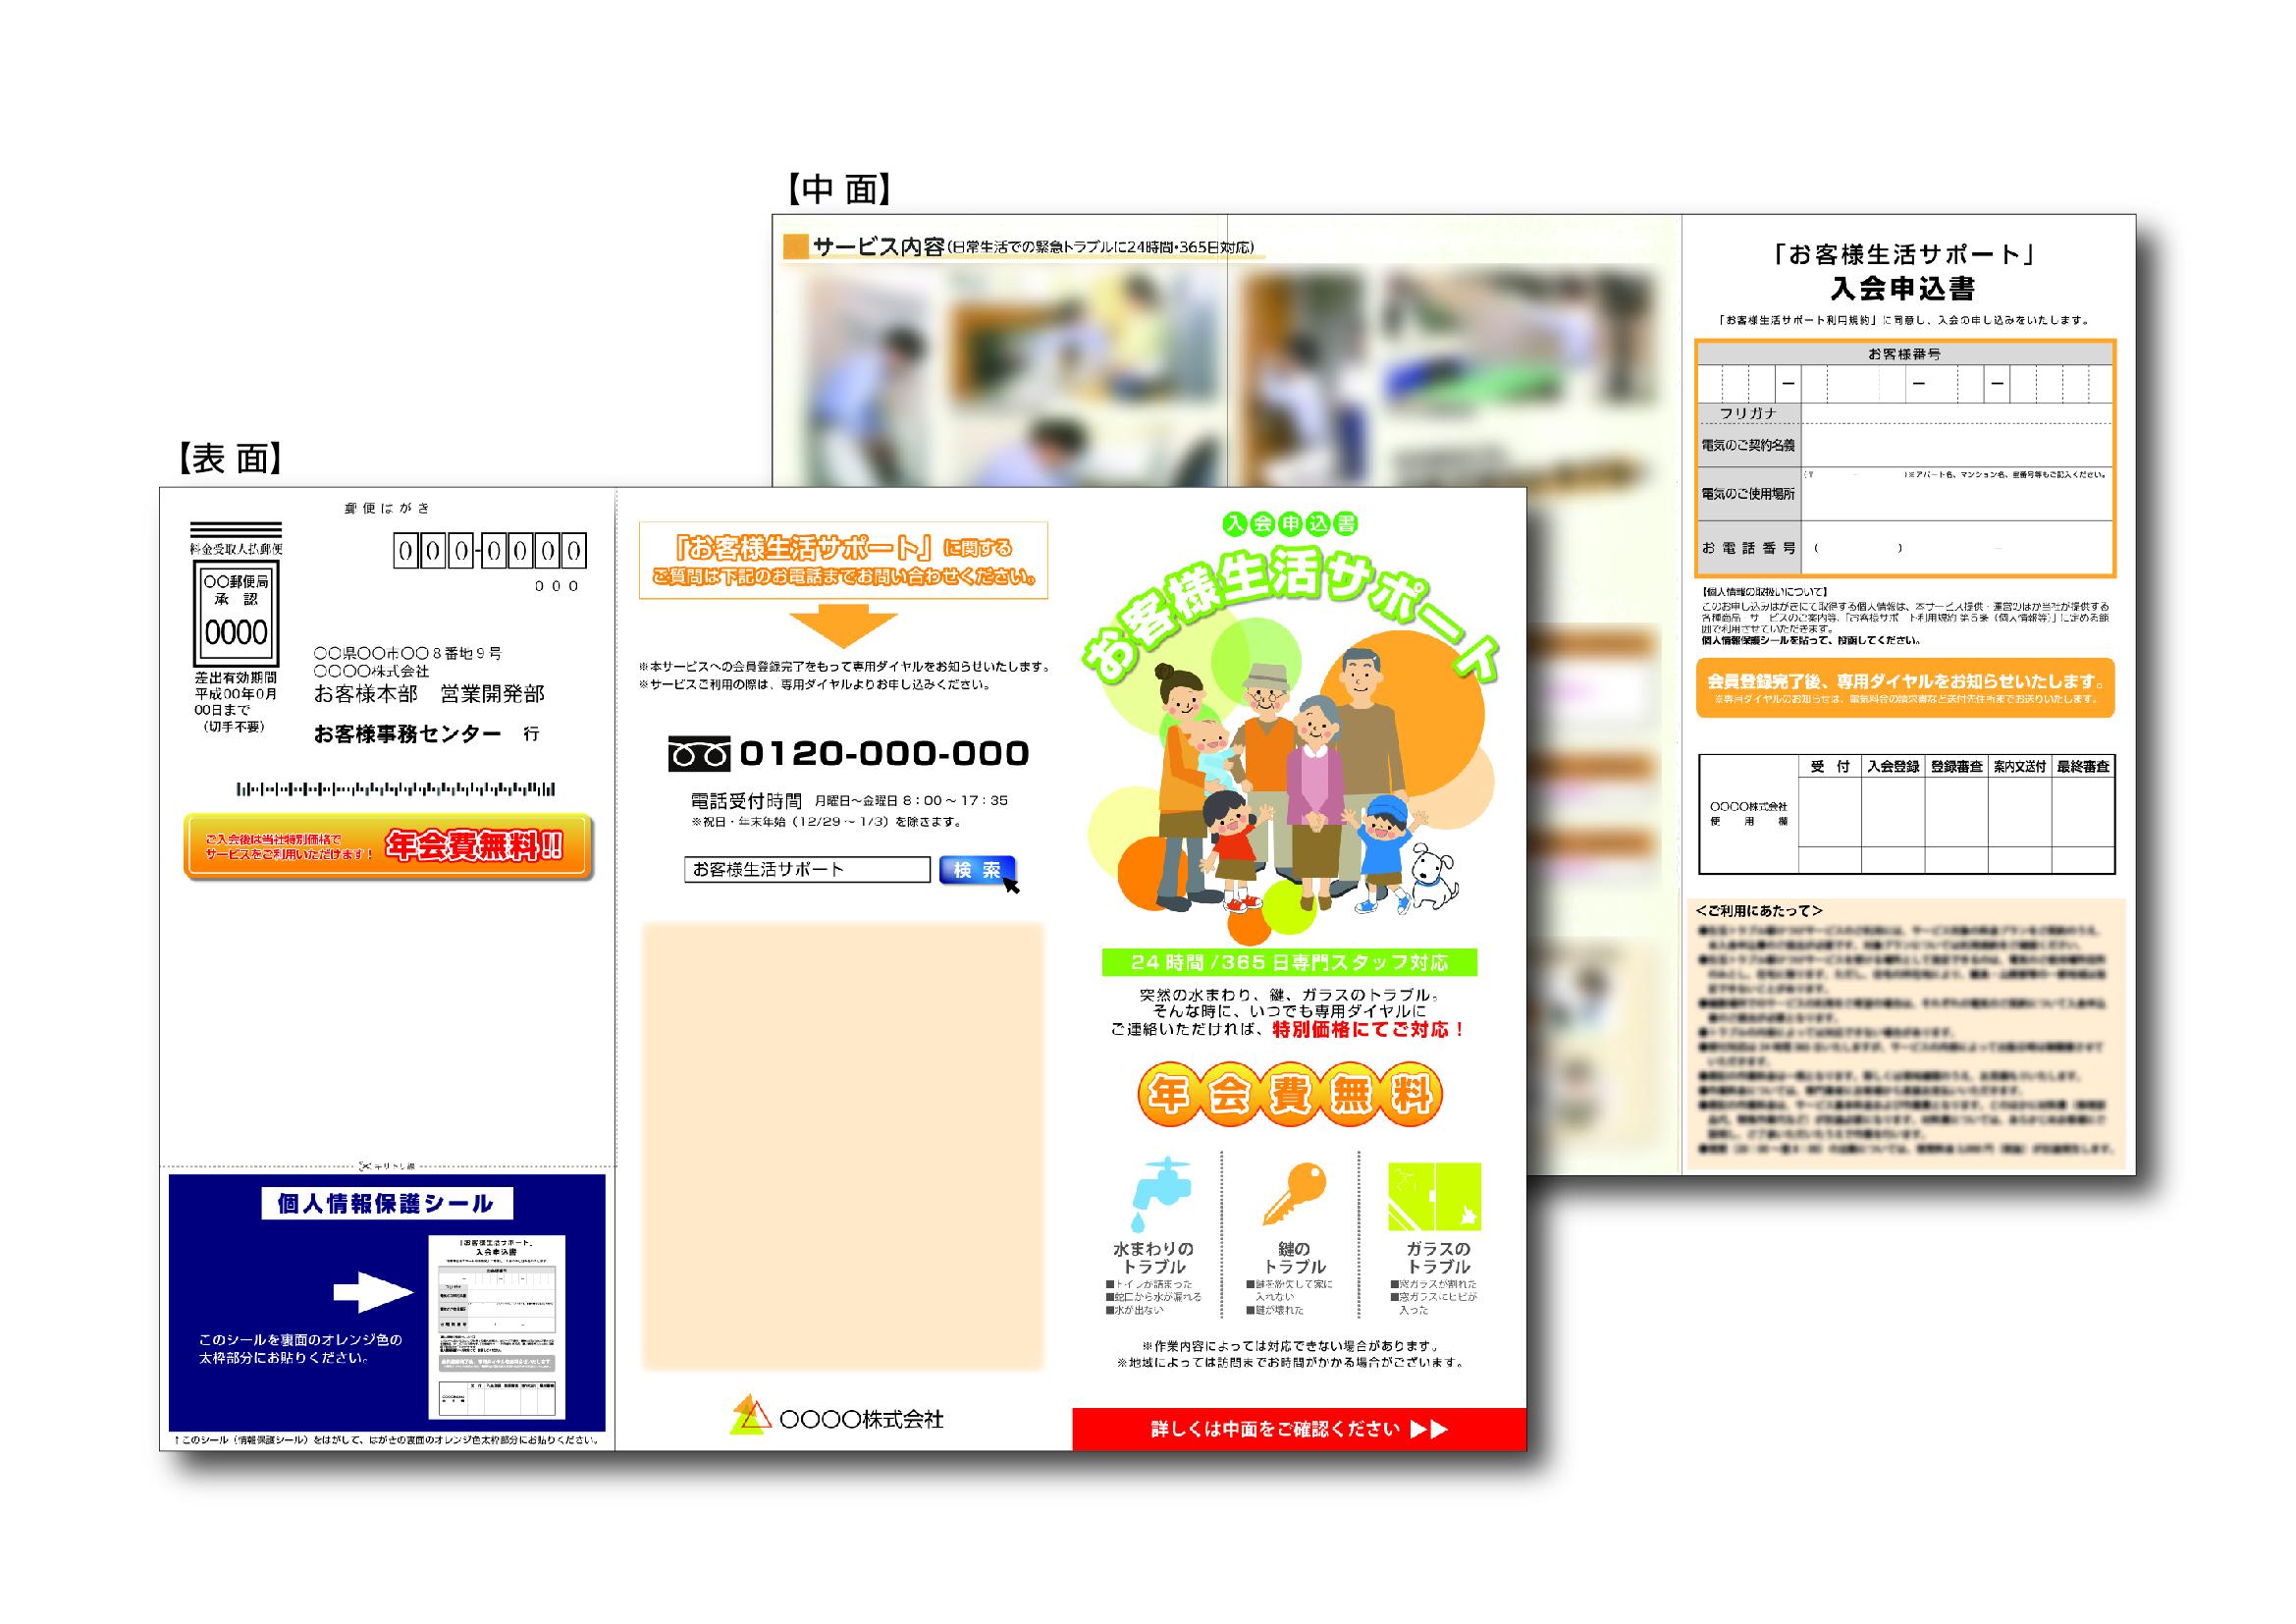 0002-税別商品(ホームページ事例制作)(三つ折りパンフレット)-01